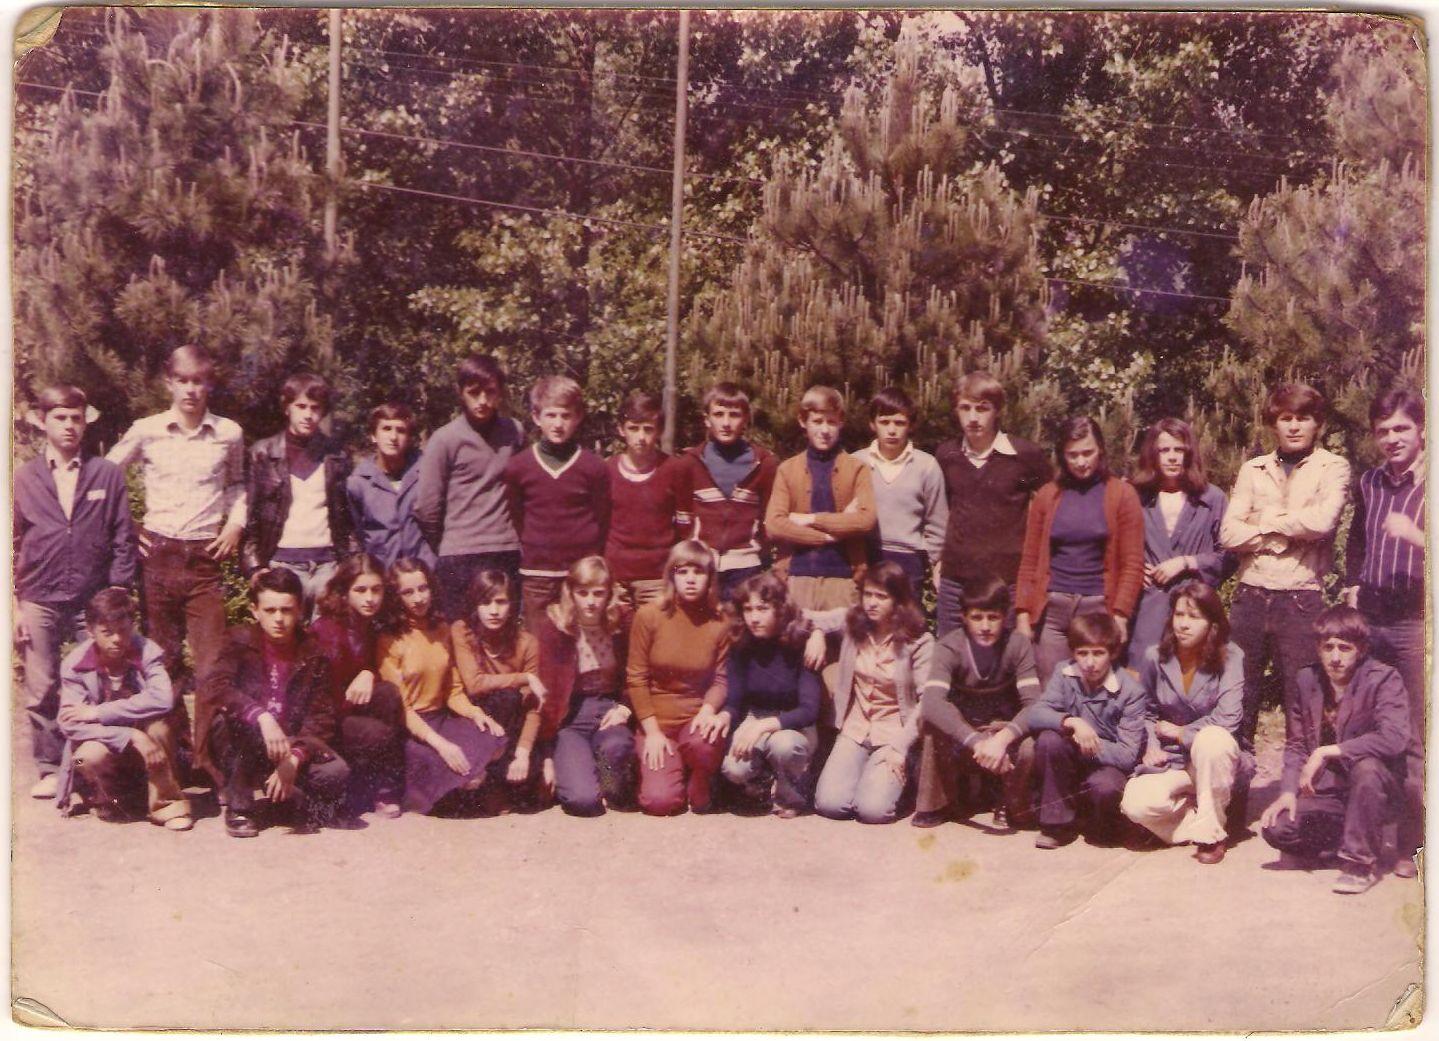 VIIIF 1978. O.S. Rade Marjanac